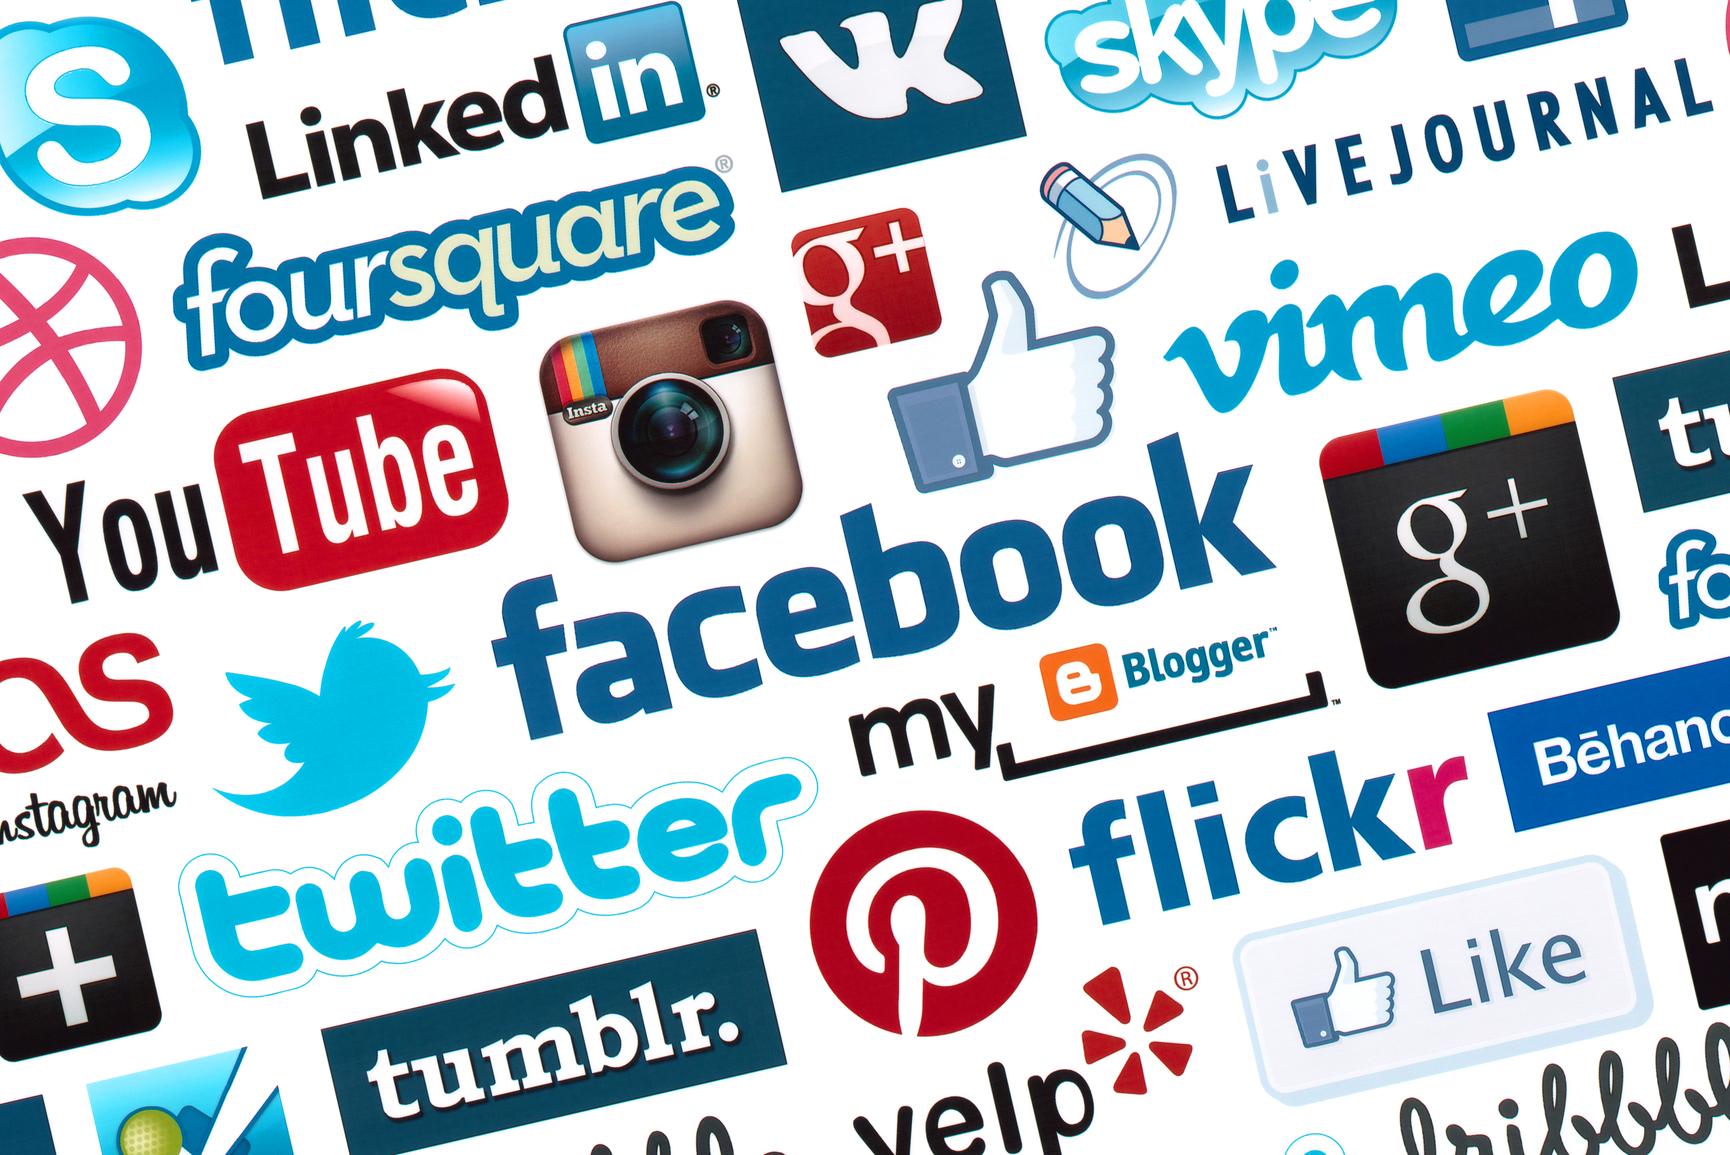 I migliori esempi di uso dei Social Media nel turismo